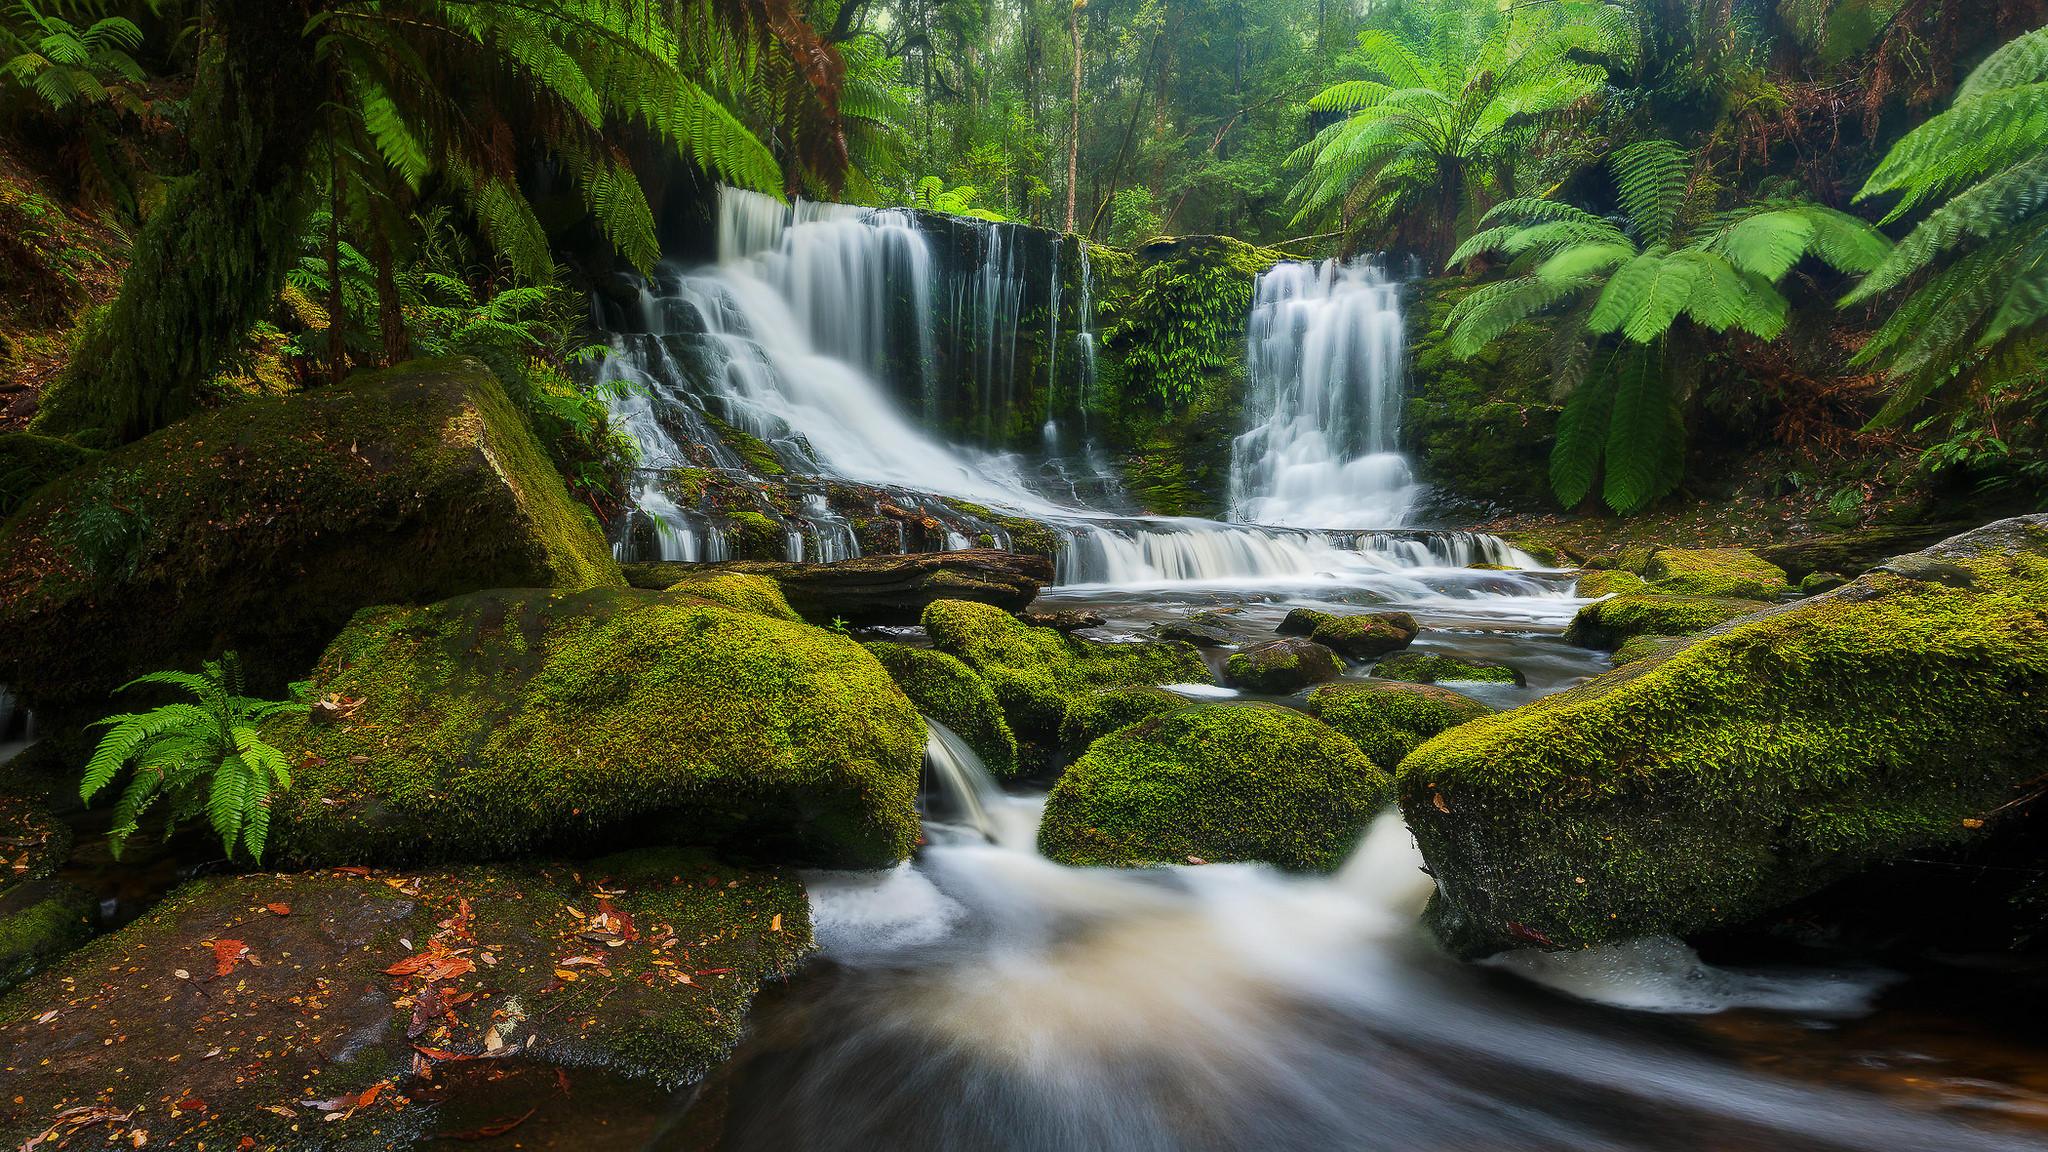 обои Horseshoe Falls, Tasmania, лес, деревья картинки фото